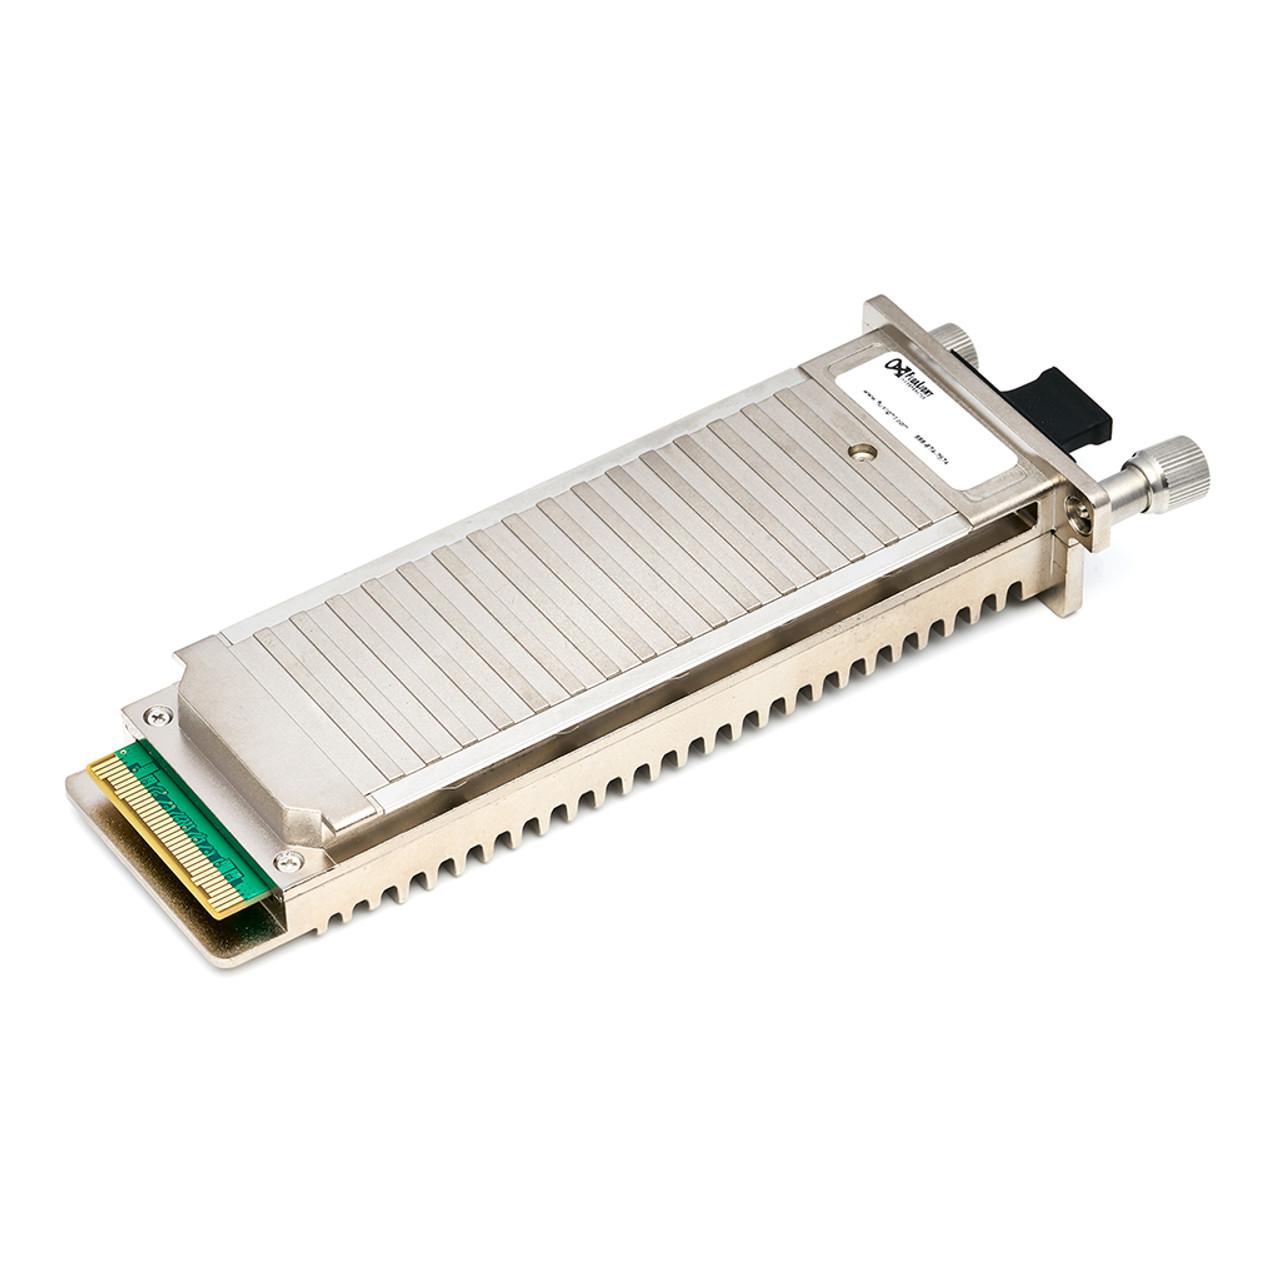 XENPAK-10GB-CX4 Cisco XENPAK transceiver module for CX4 cable